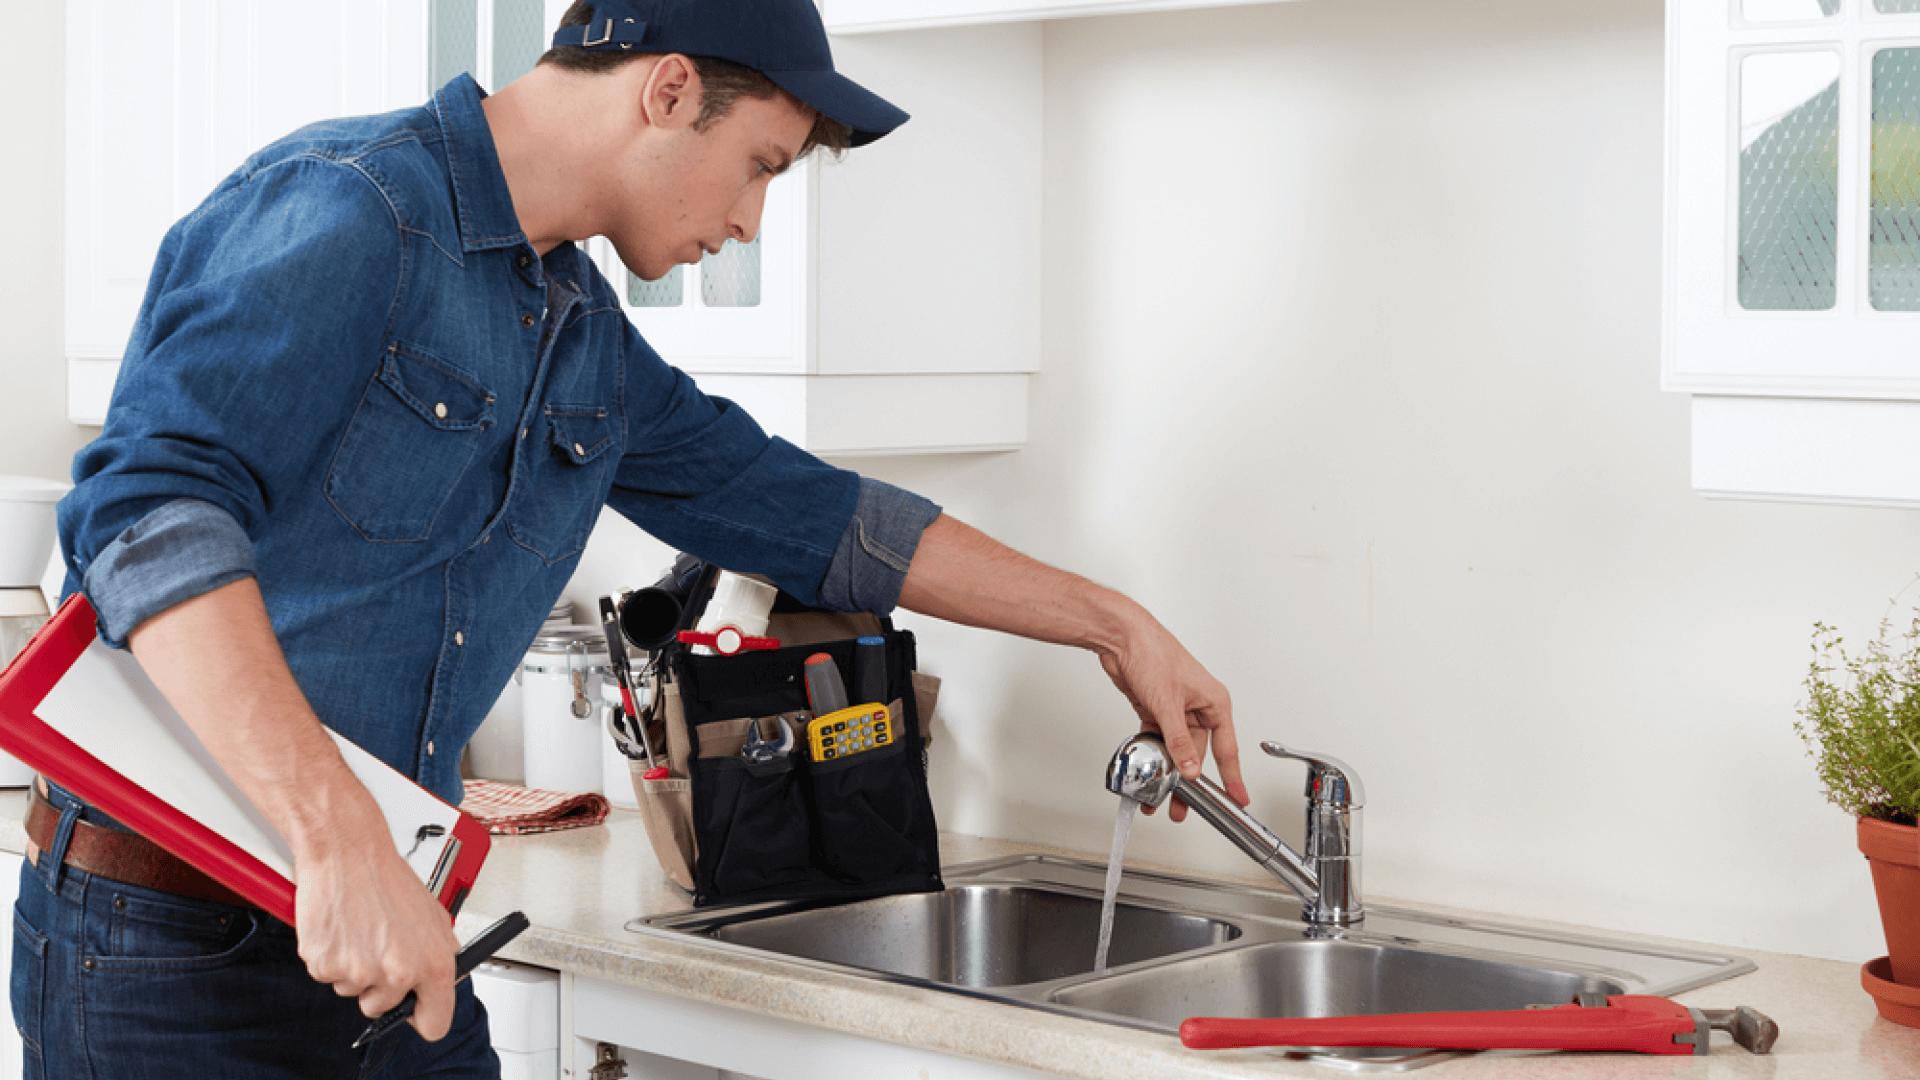 أرخص شركةكشف التسربات للماء بالرياض 0533114231شركات التسربات